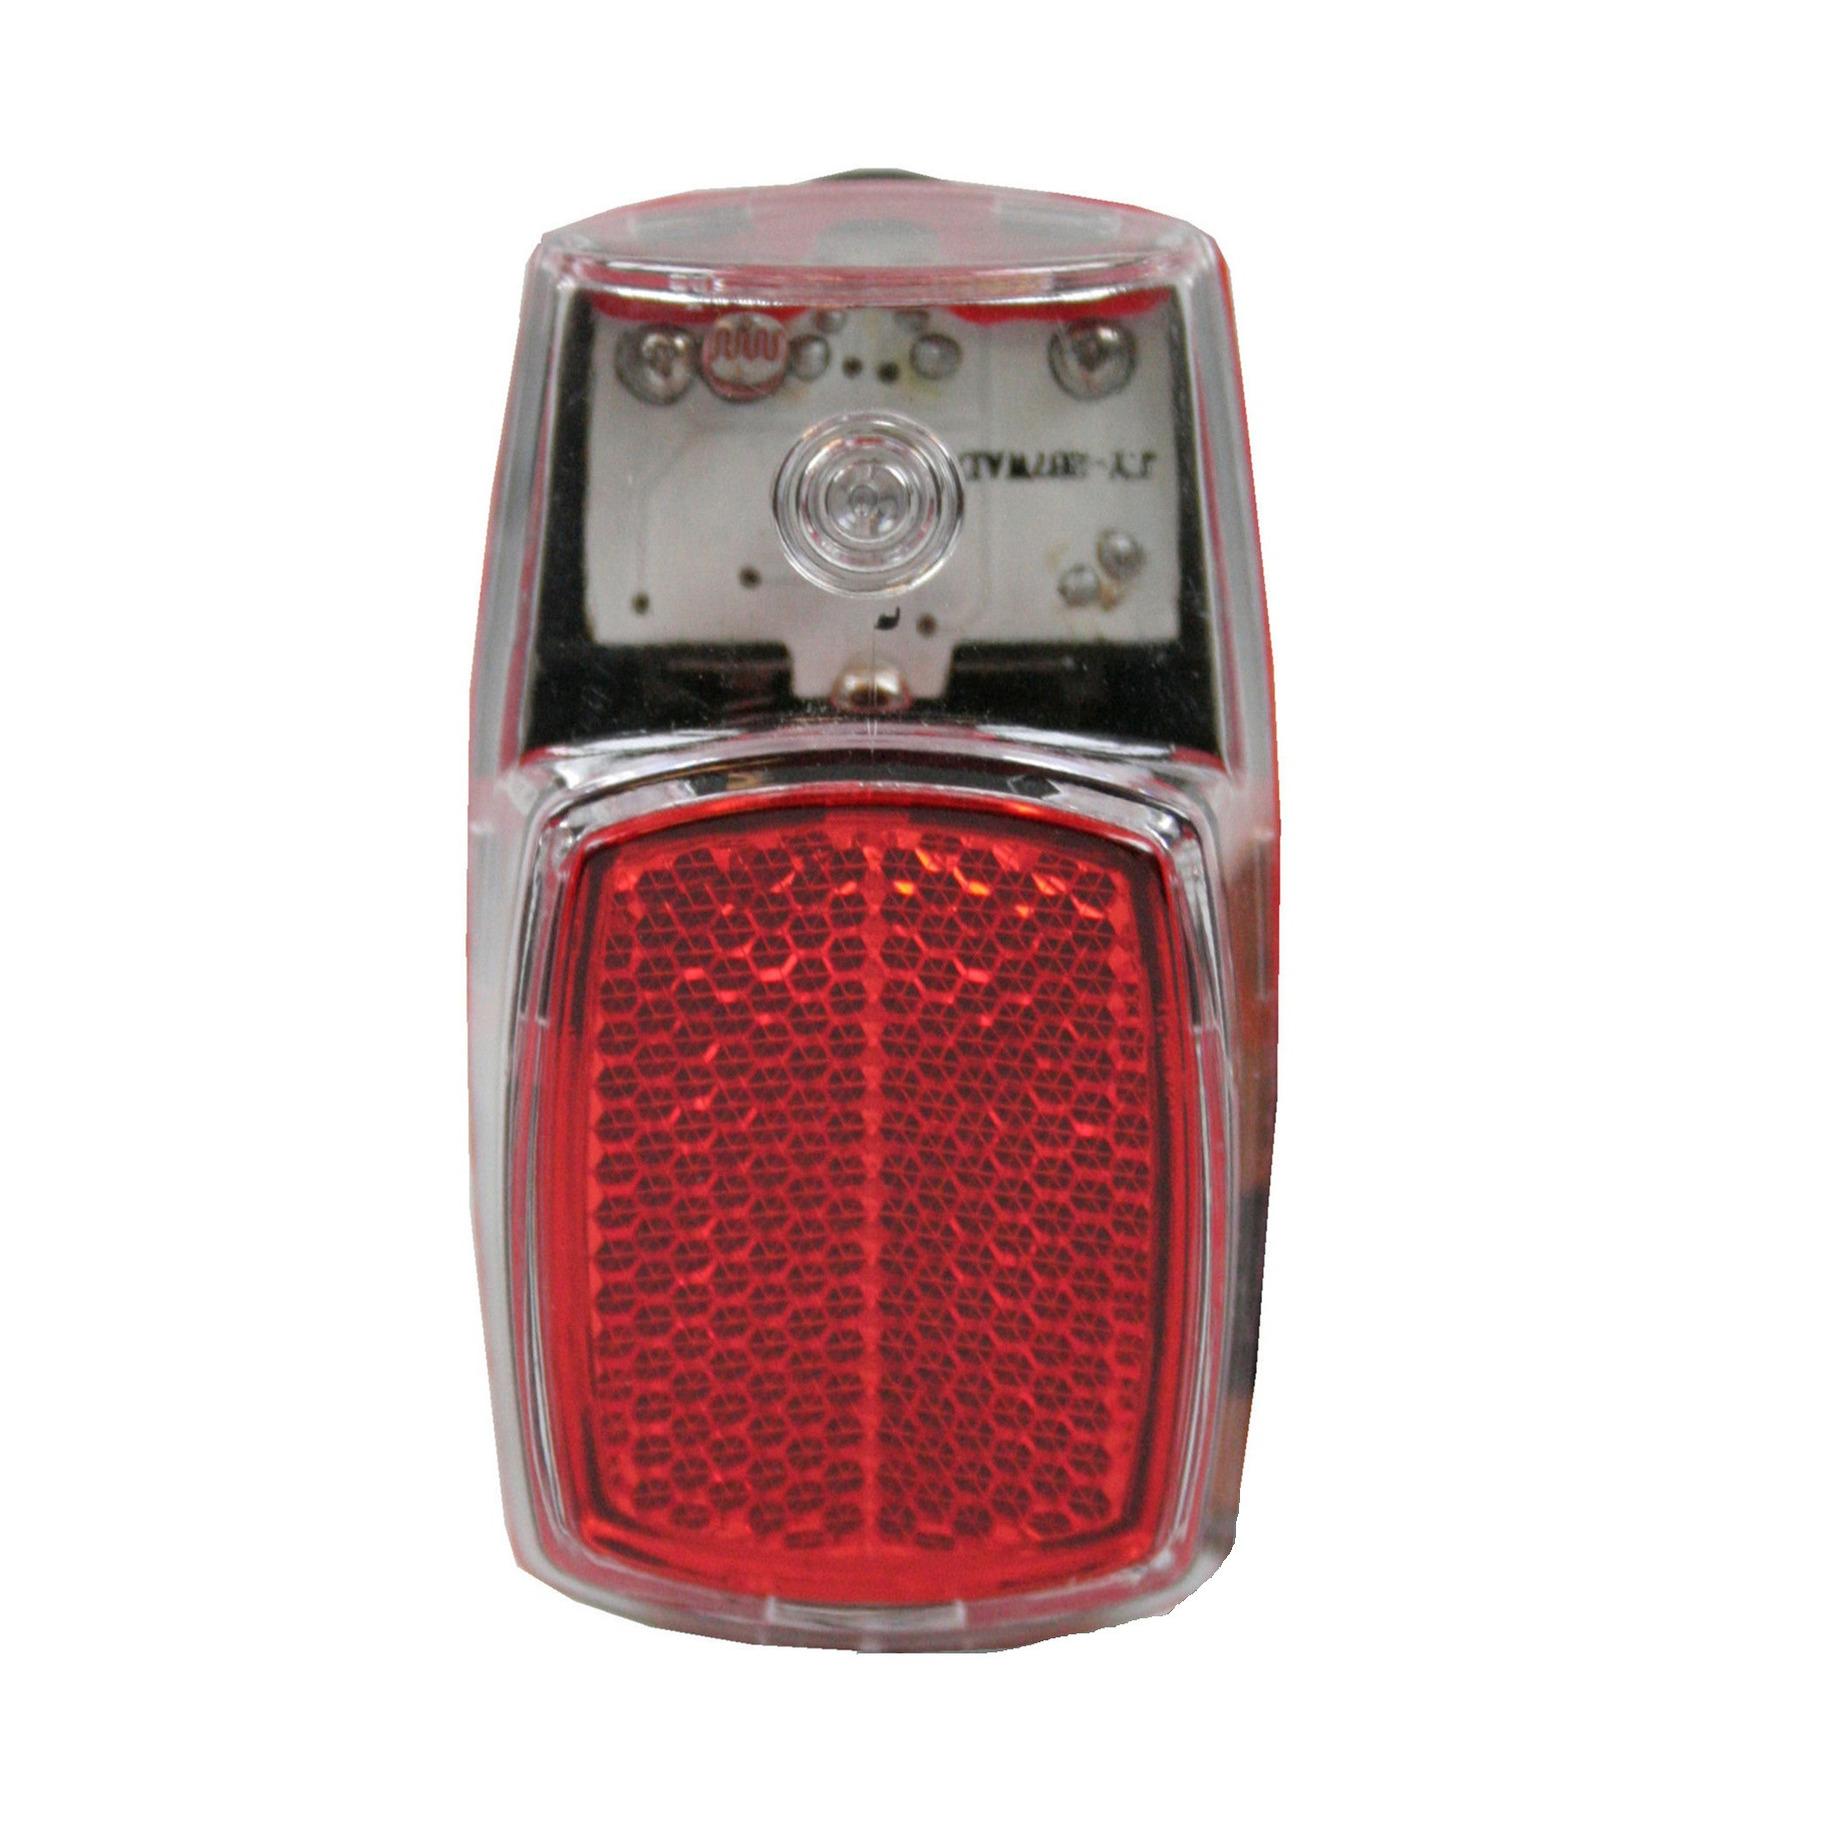 1x Fietsverlichting batterijachterlicht-achterlamp spatbordbevestiging met 1 heldere LED 8 x 4 cm